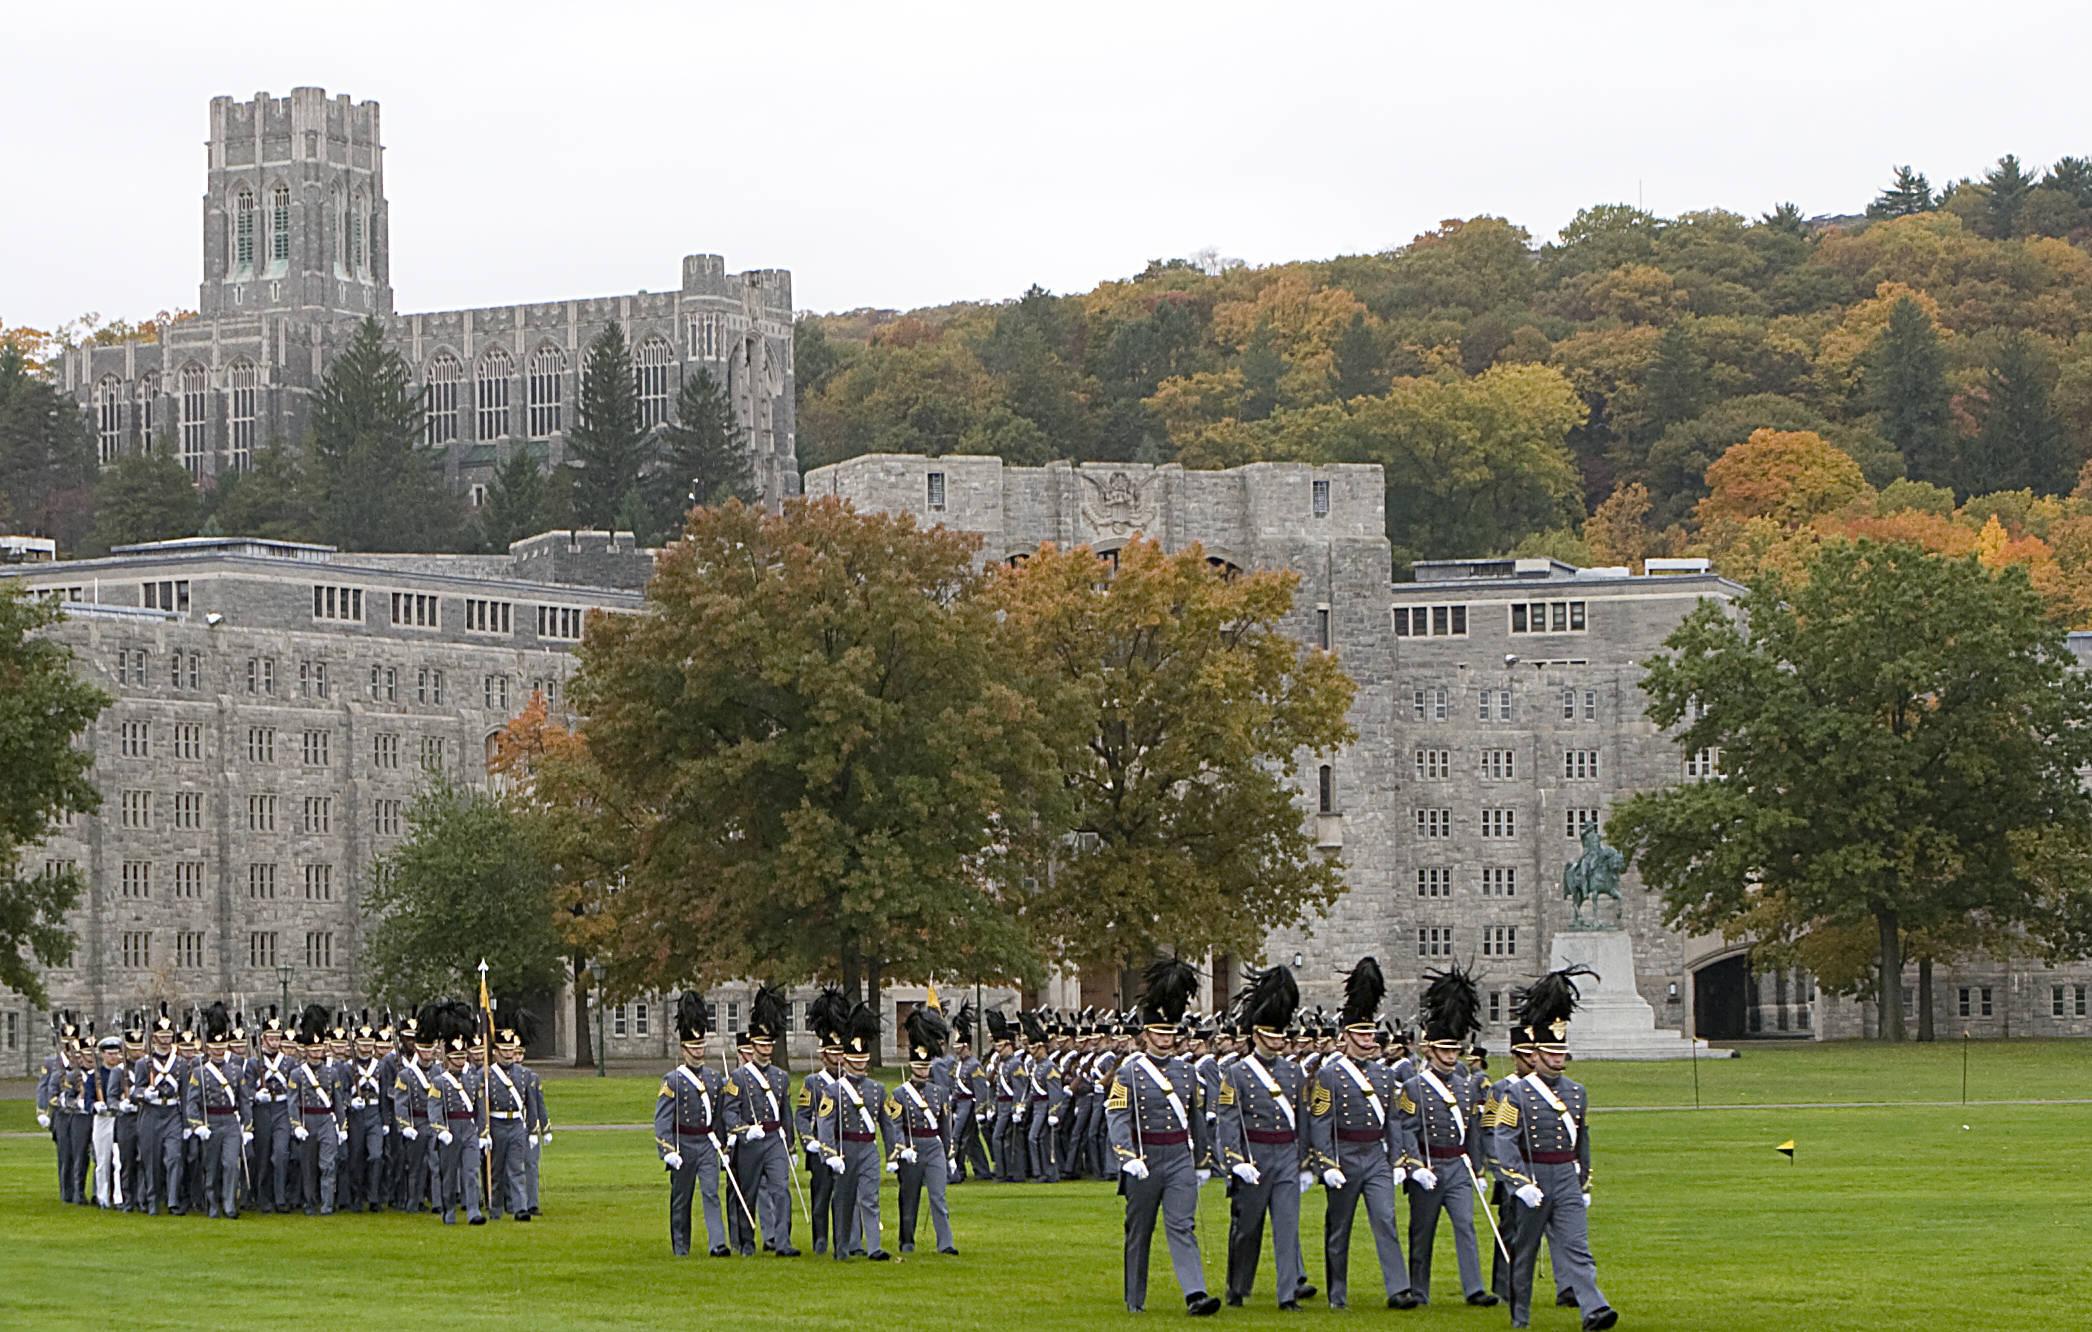 942a9a67a5bc4e2d98a1_U.S._Military_Academy.jpg